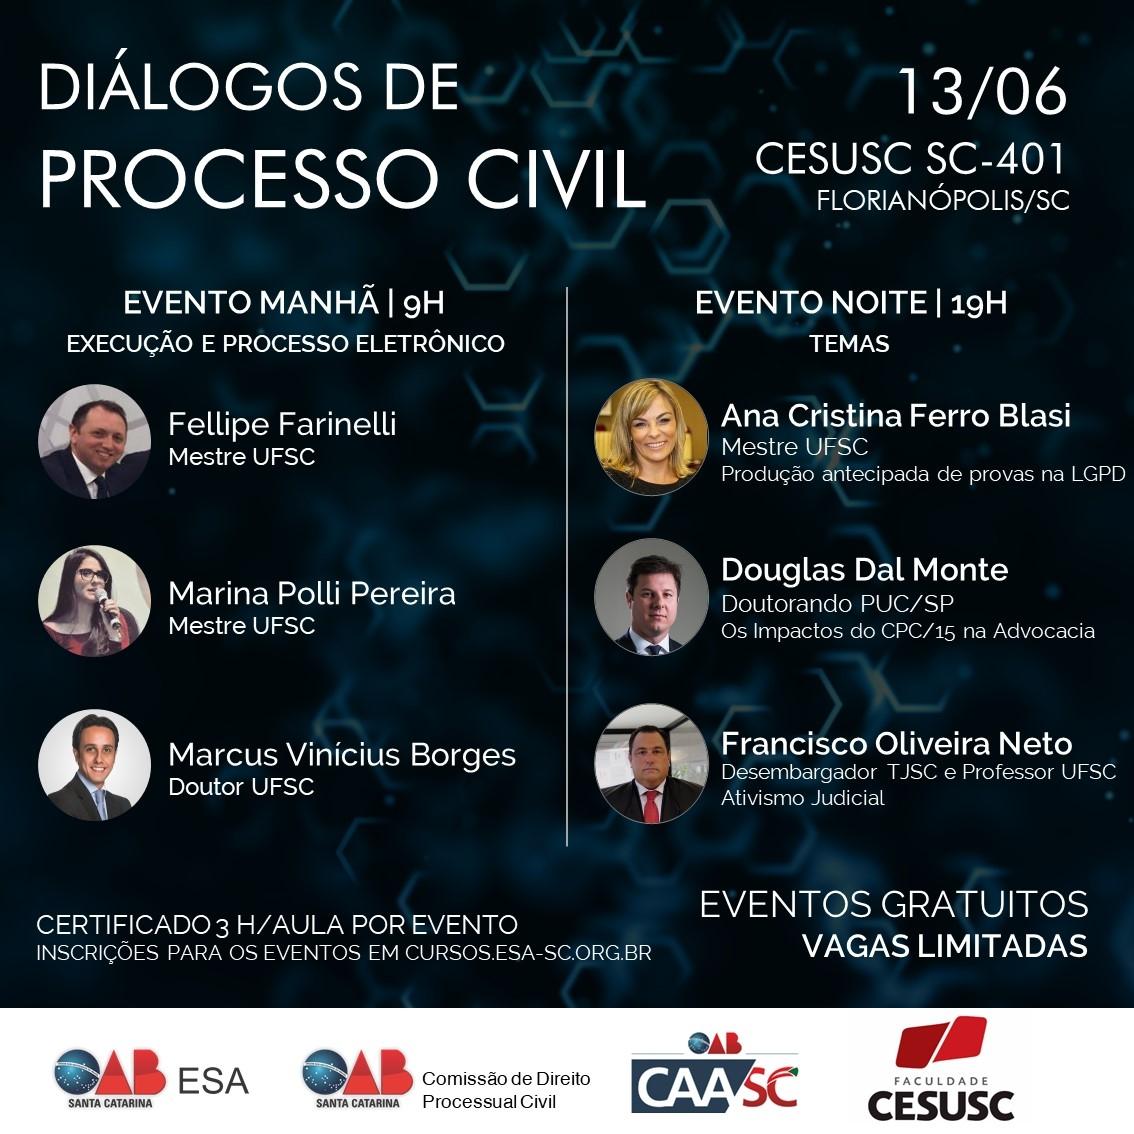 Processo Civil Florianópolis.jpeg